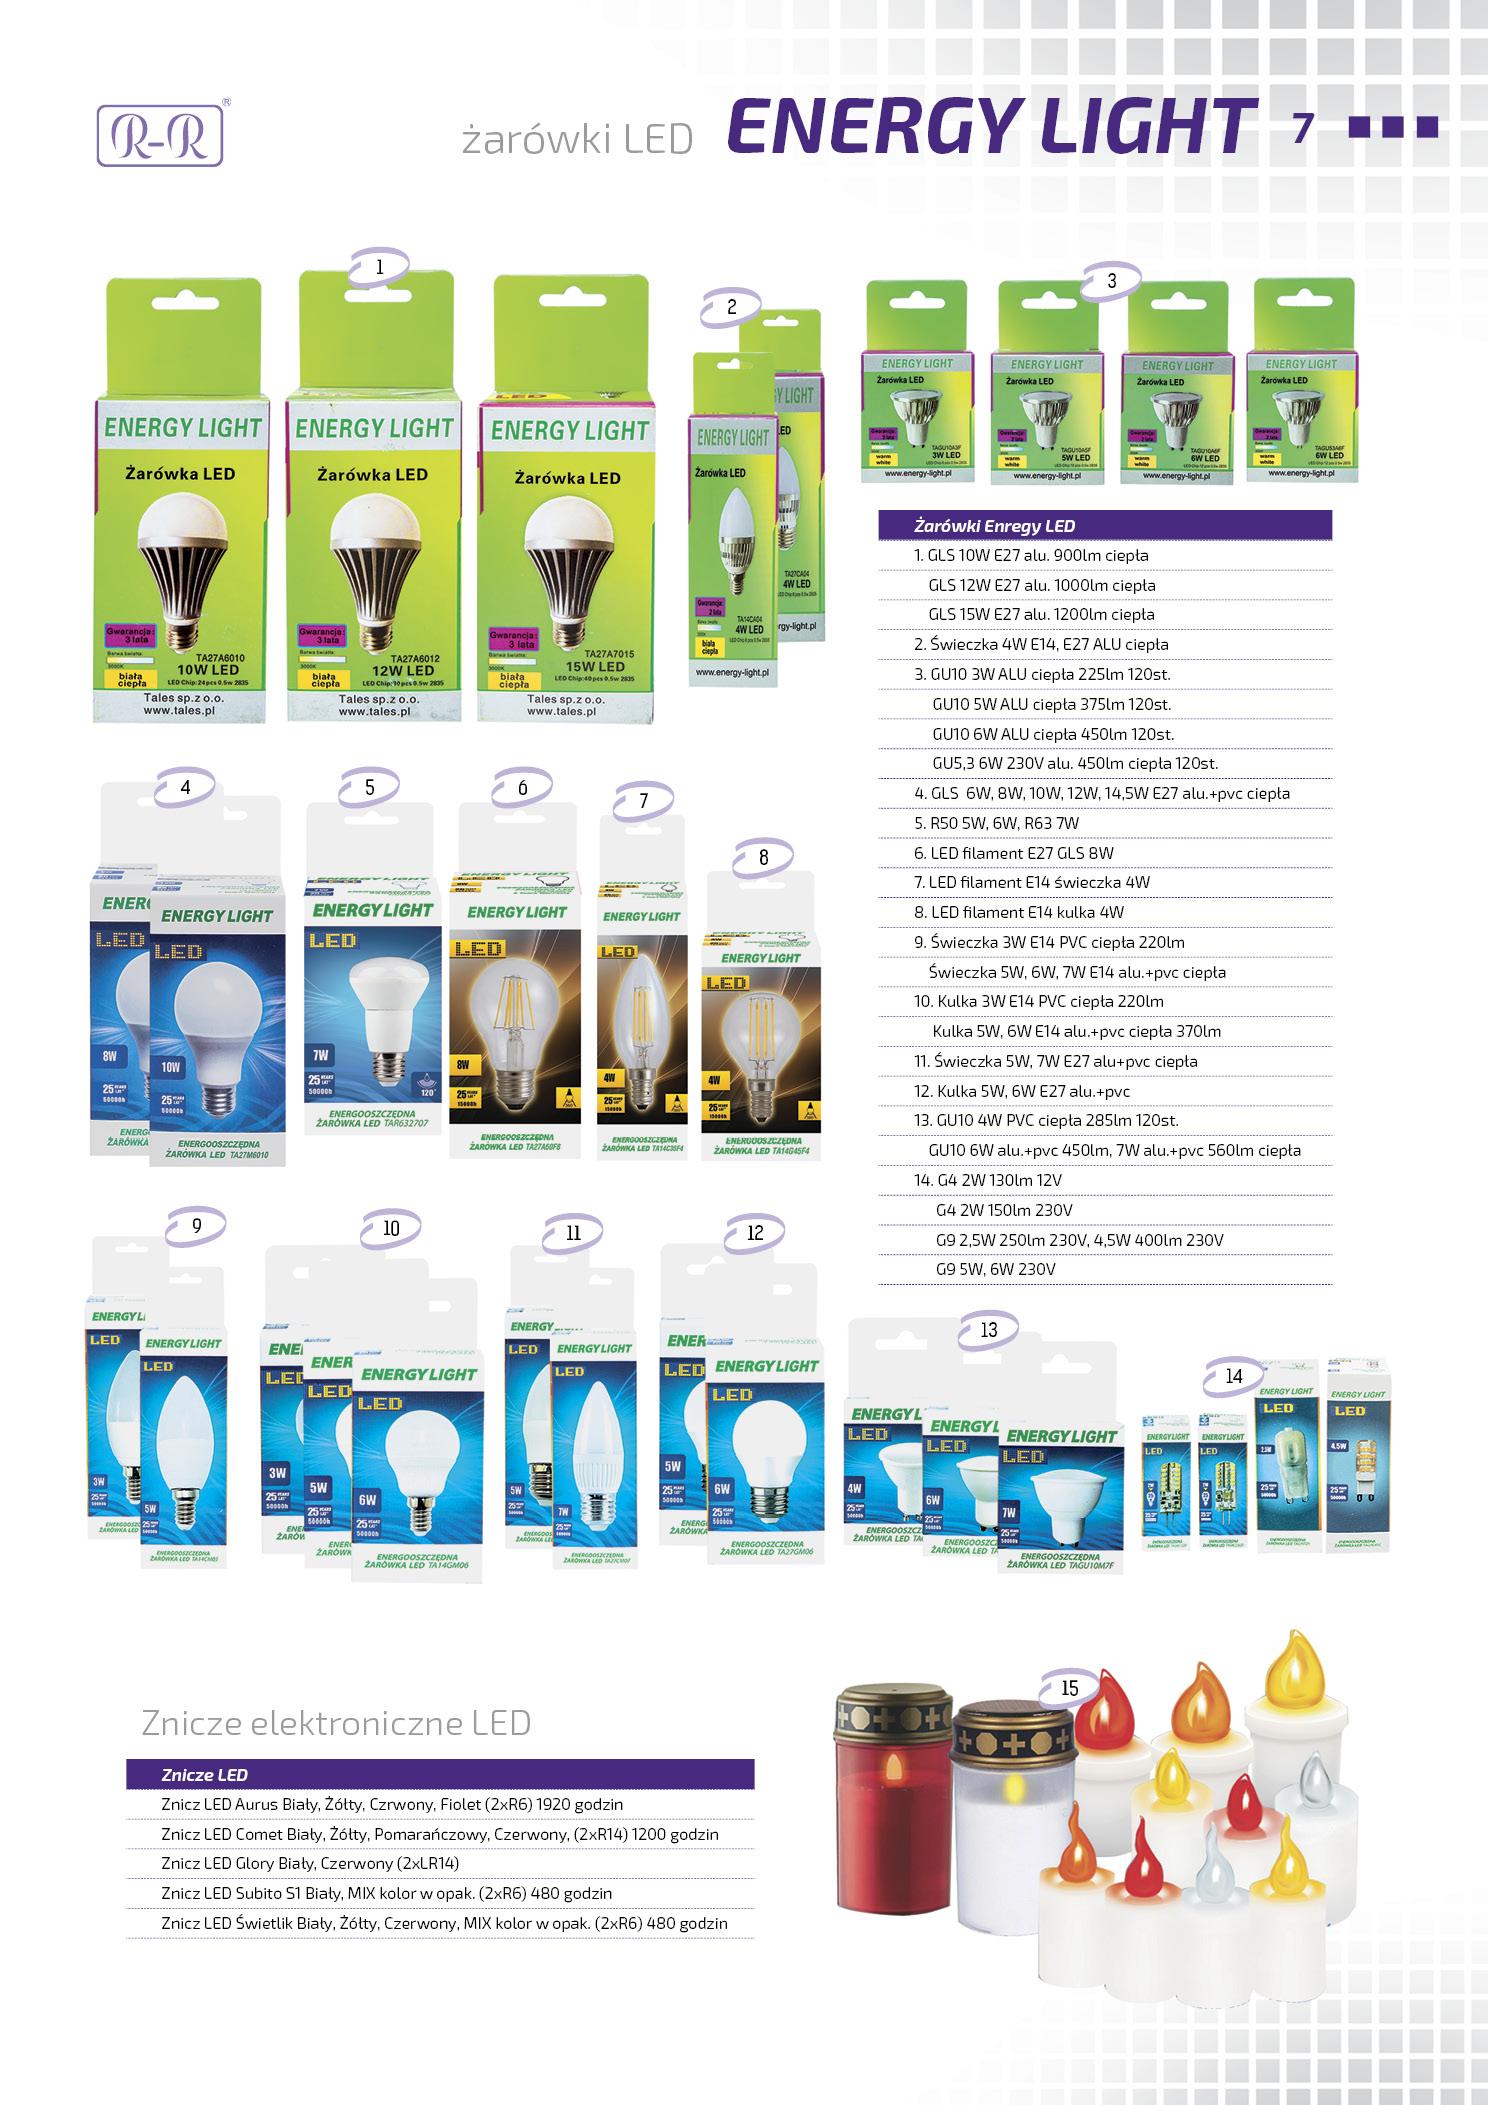 Żarówki LED / Znicze elektroniczne